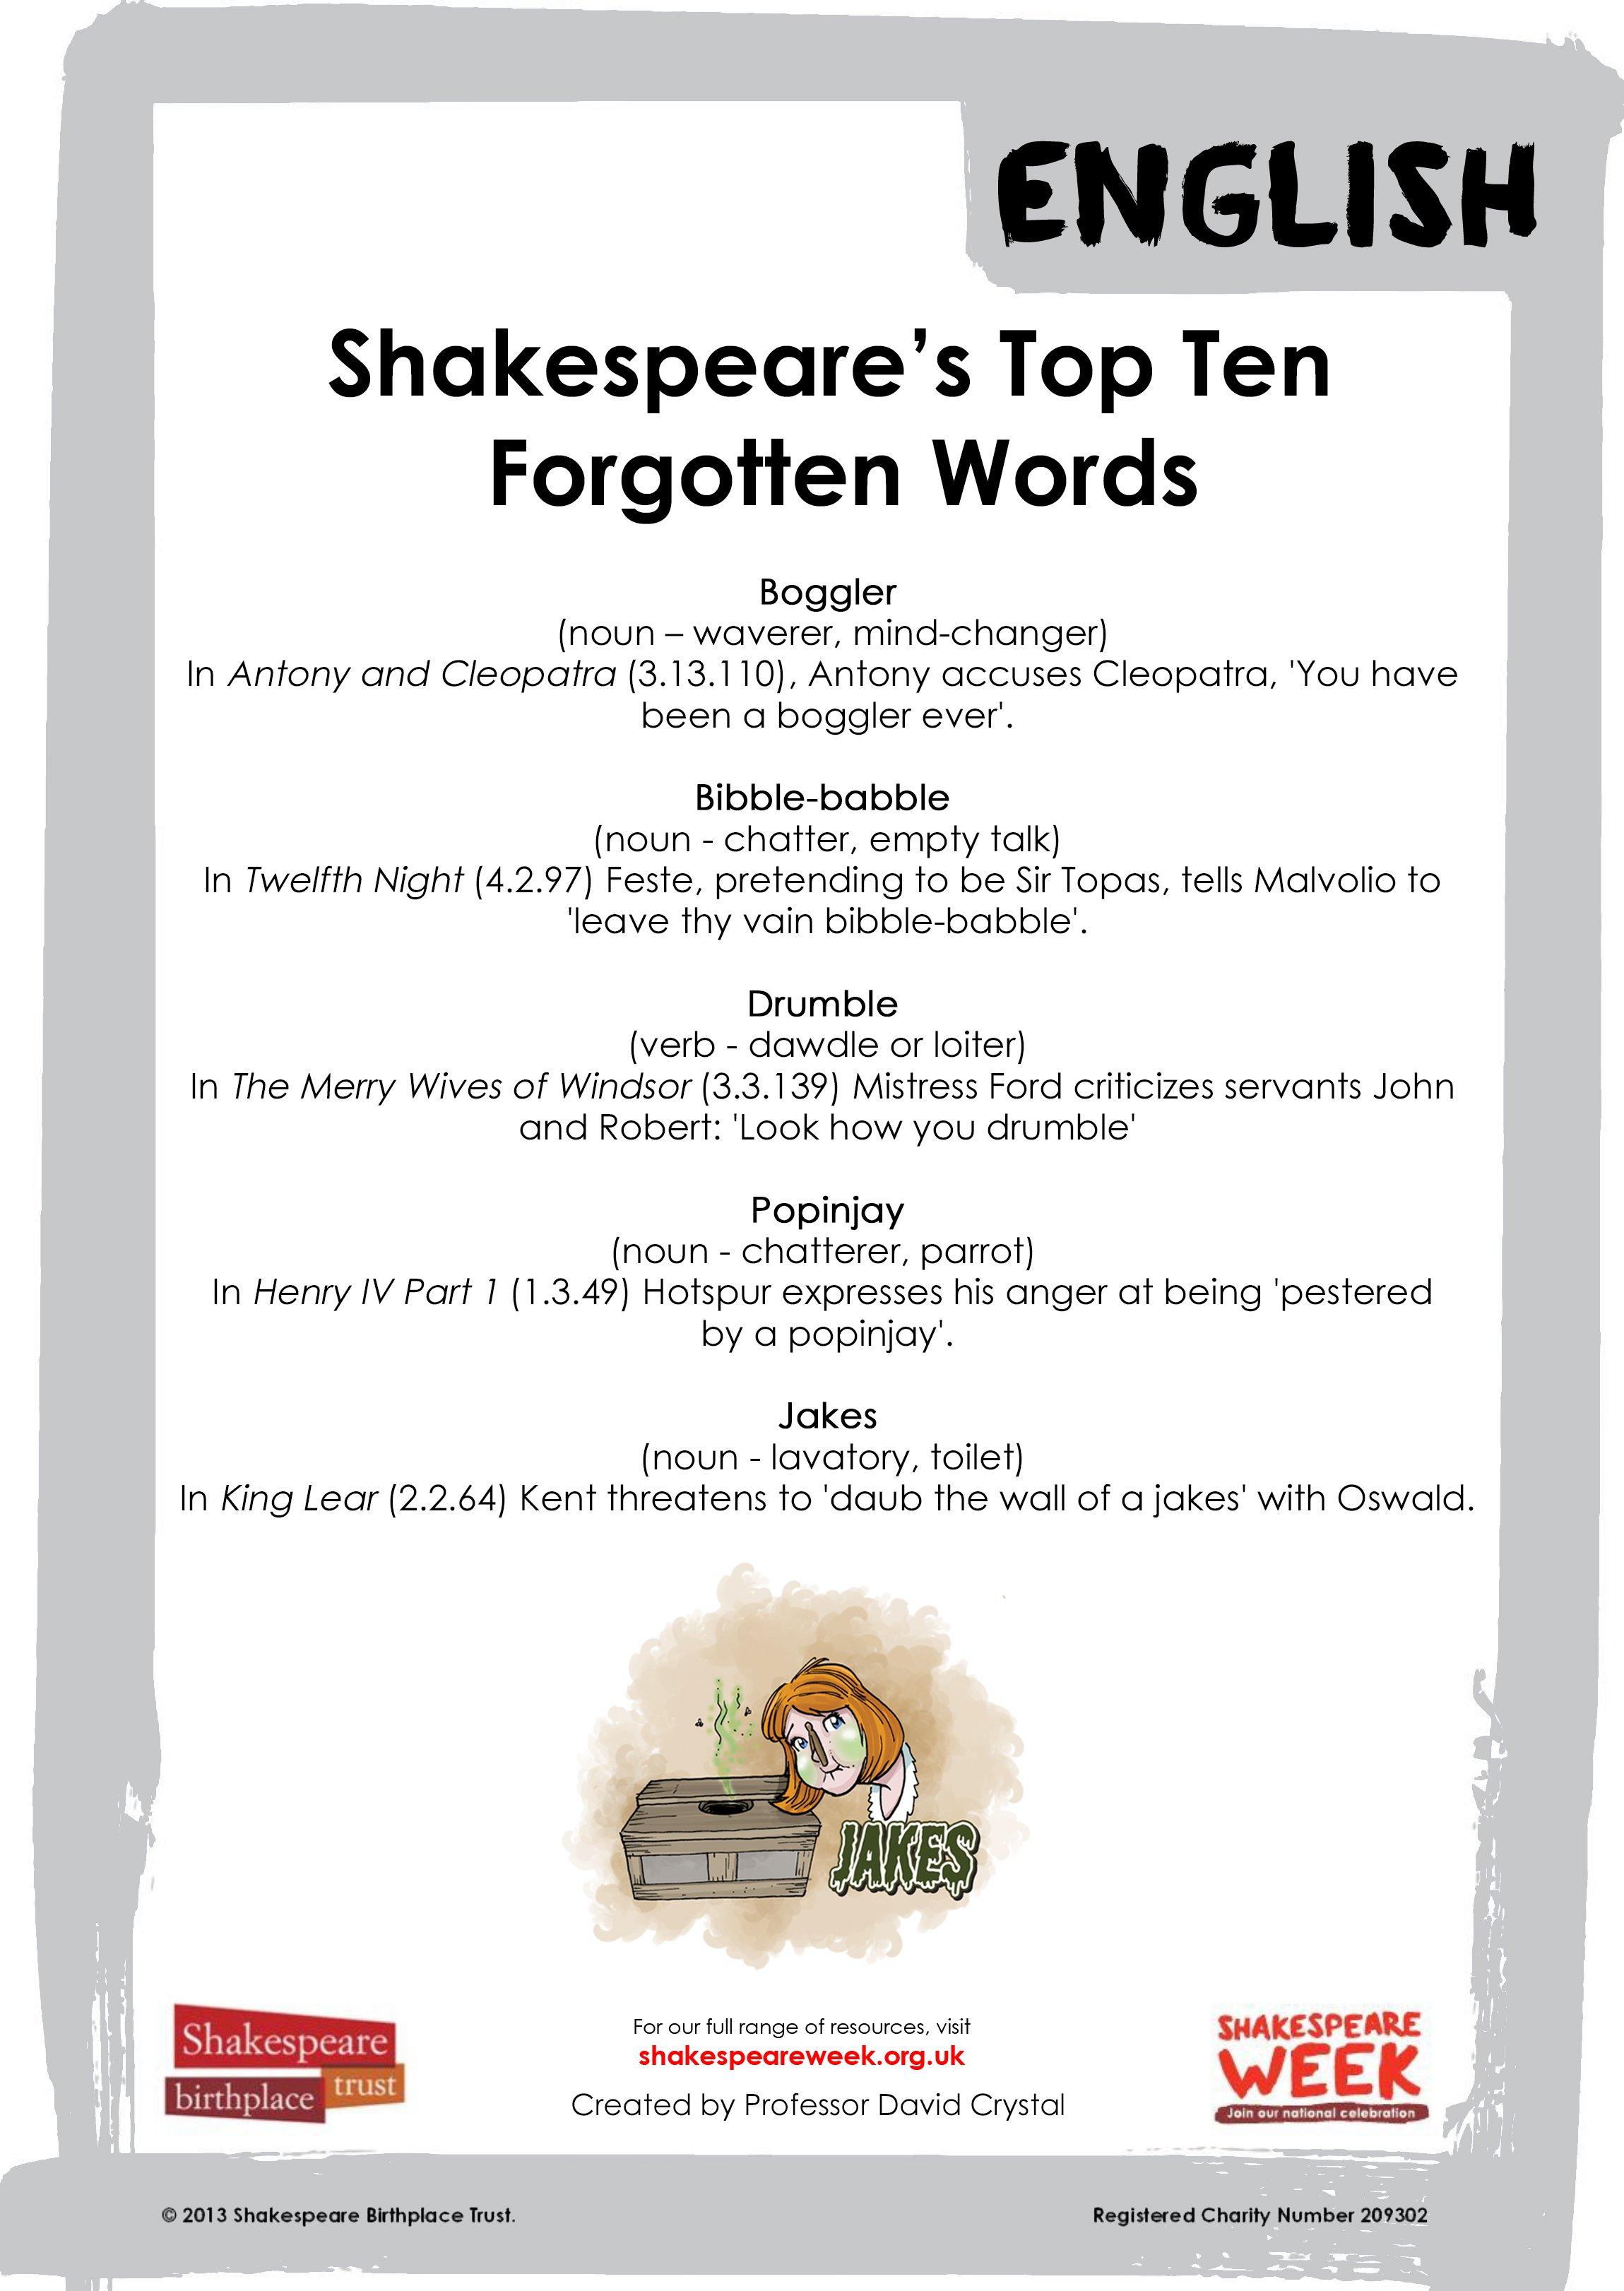 Top Ten Forgotten Words